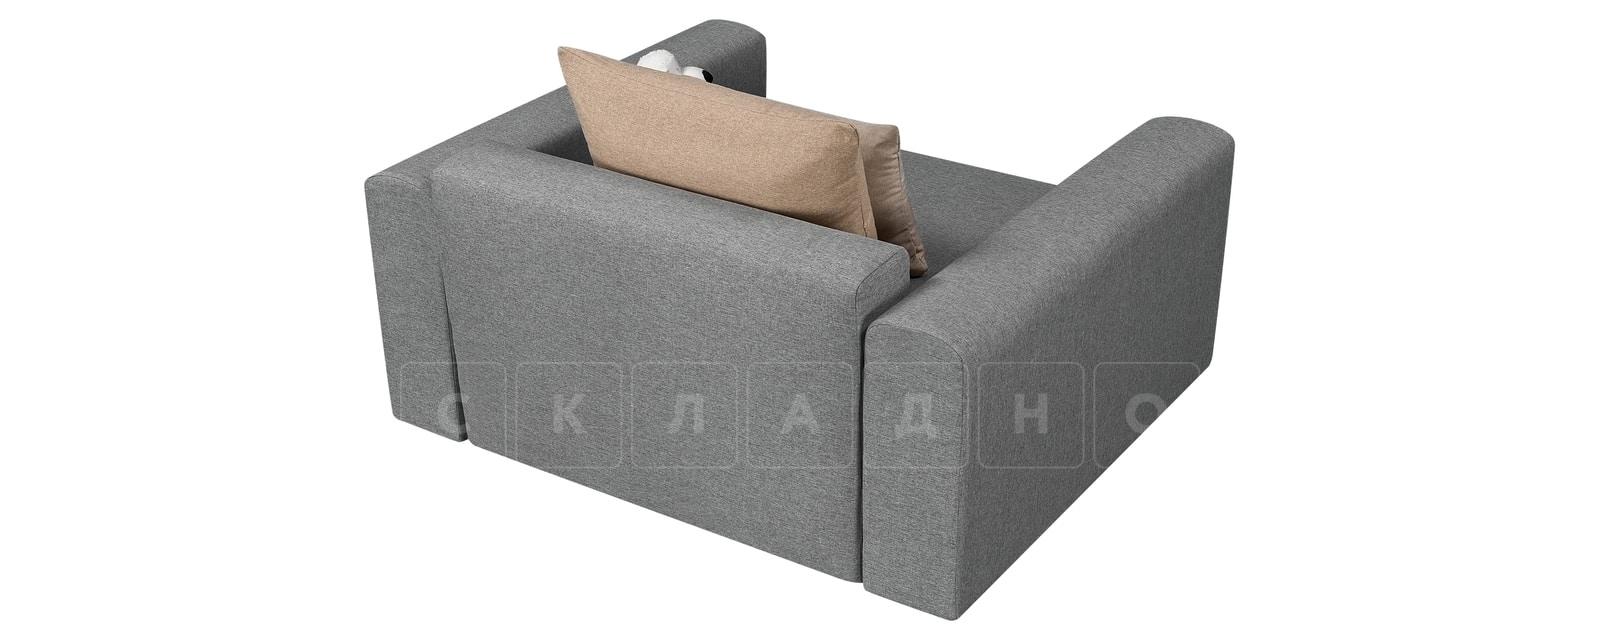 Кресло Медисон 100 см серого цвета фото 4 | интернет-магазин Складно